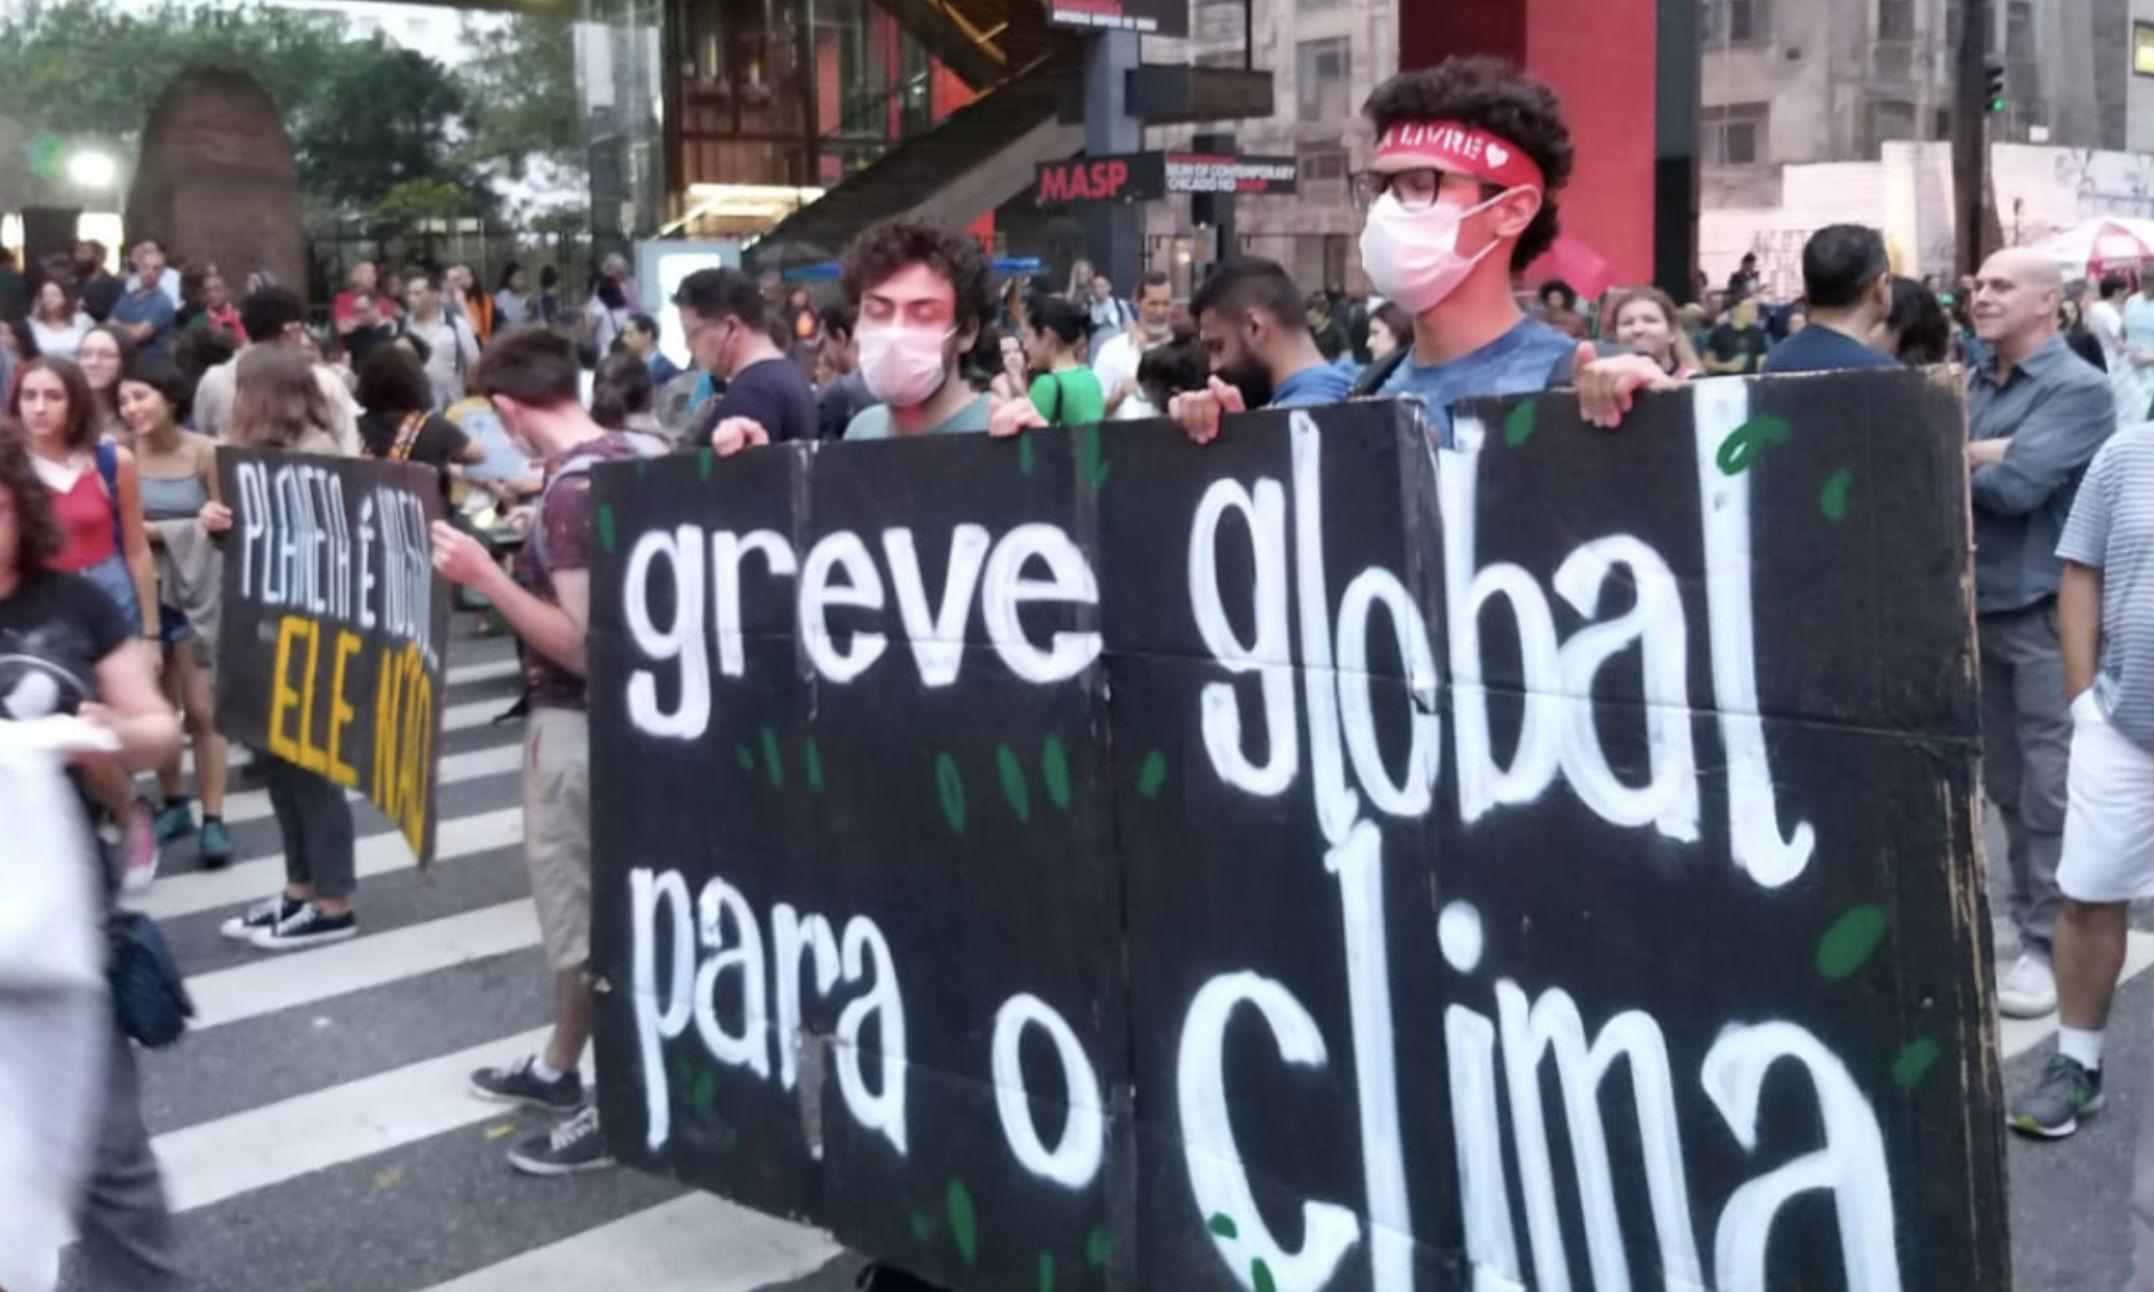 Protesto em defesa do meio ambiente, na Avenida Paulista, em São Paulo. (Crédito: Yahisbel Adames/Change.org)